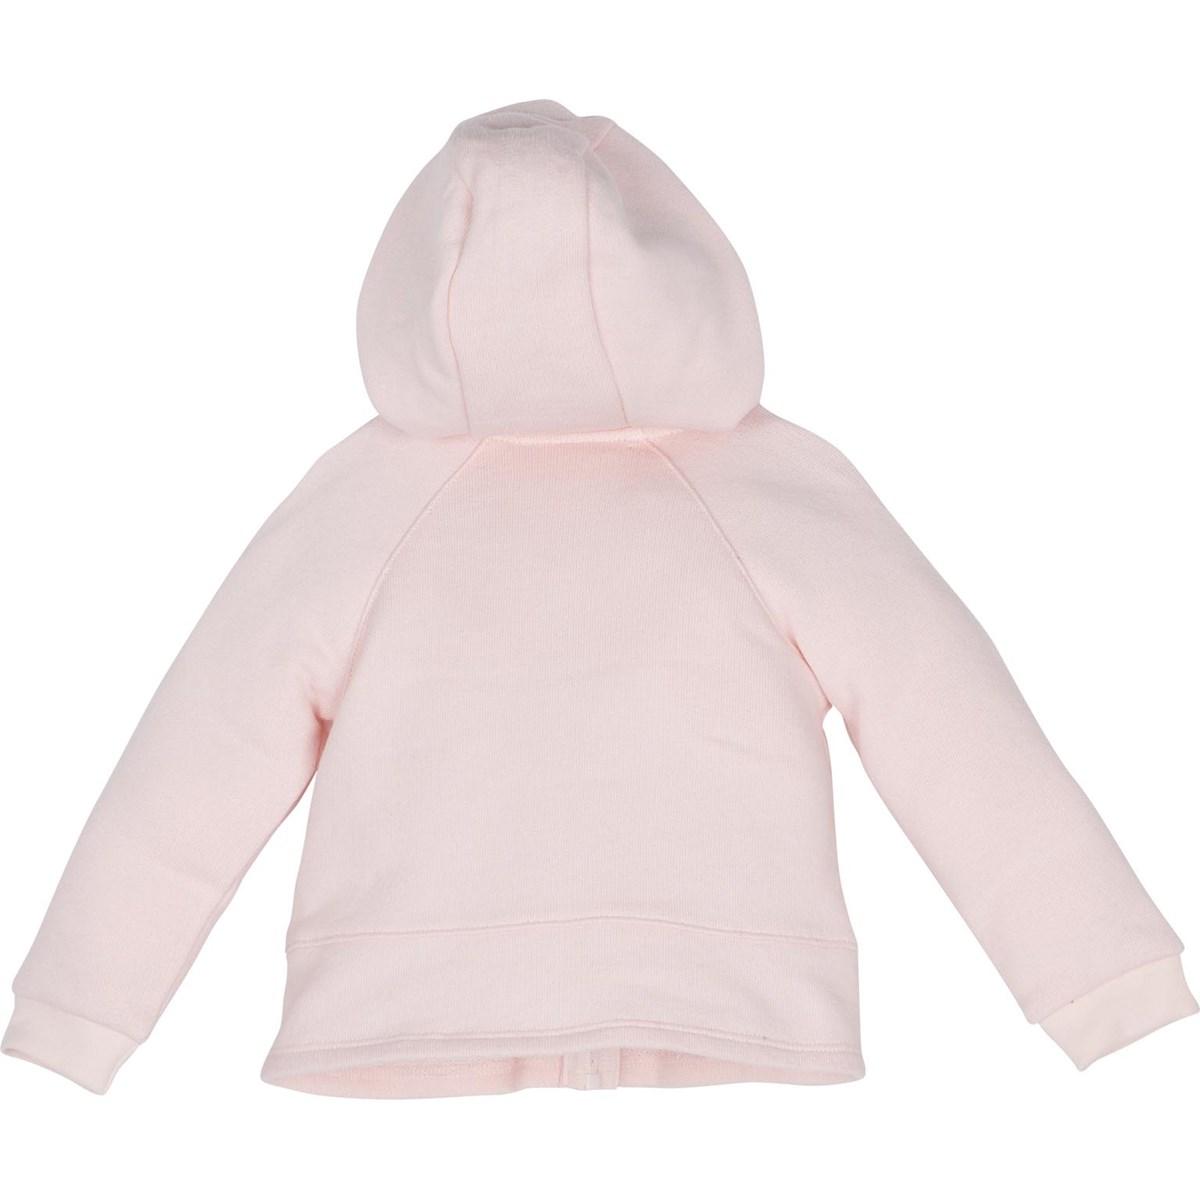 12281 Sweatshirt 2